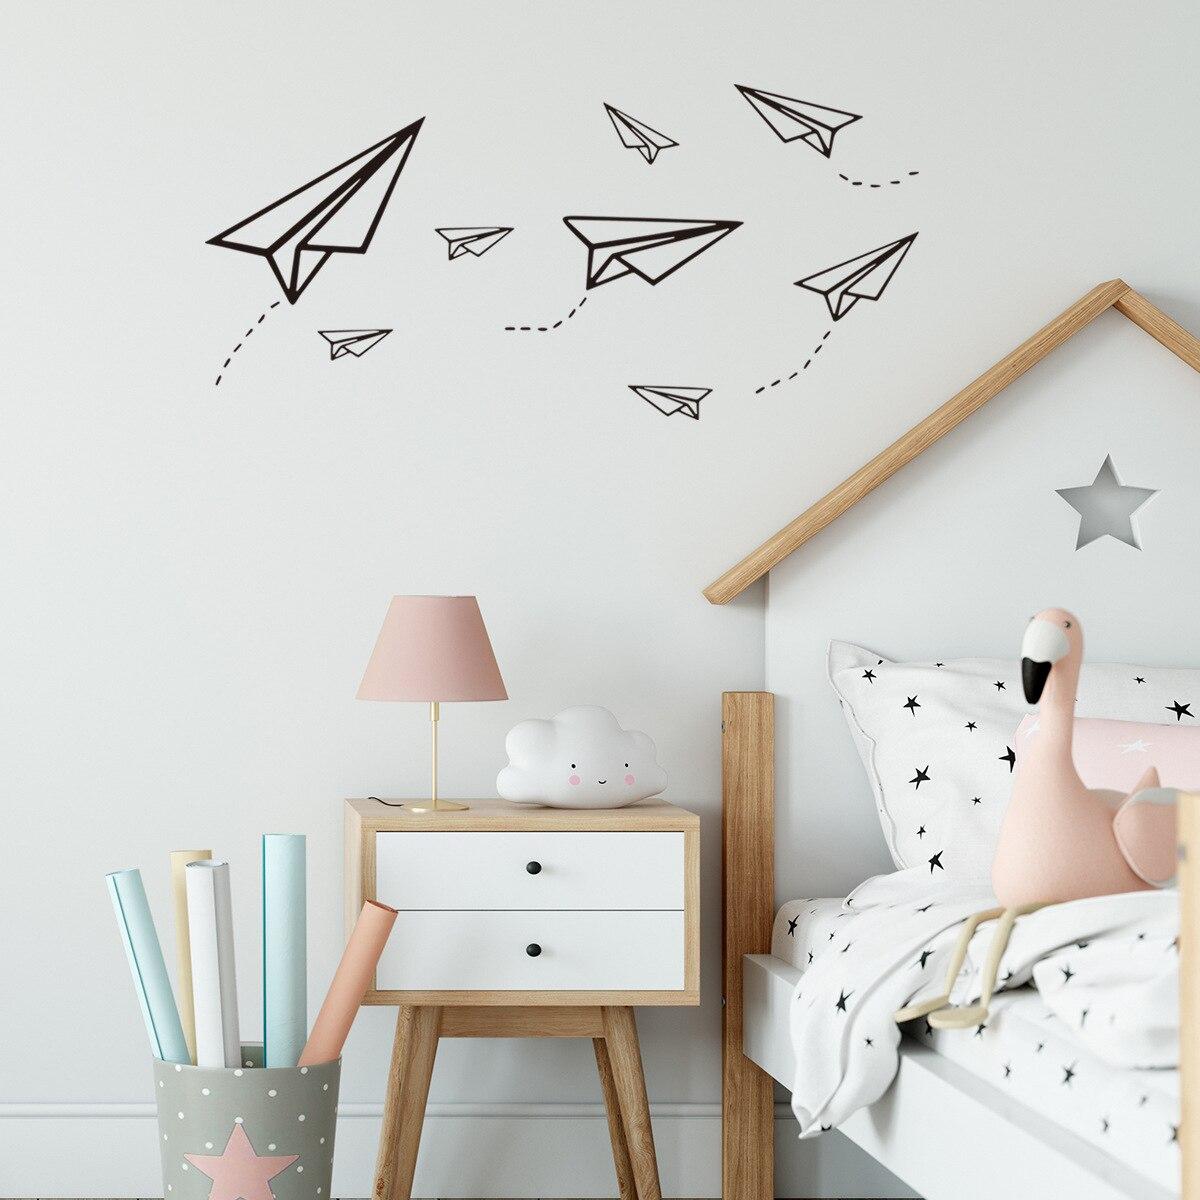 Naklejki na sciane dla dzieli-decoración para habitación de niños, vinilo para pared...